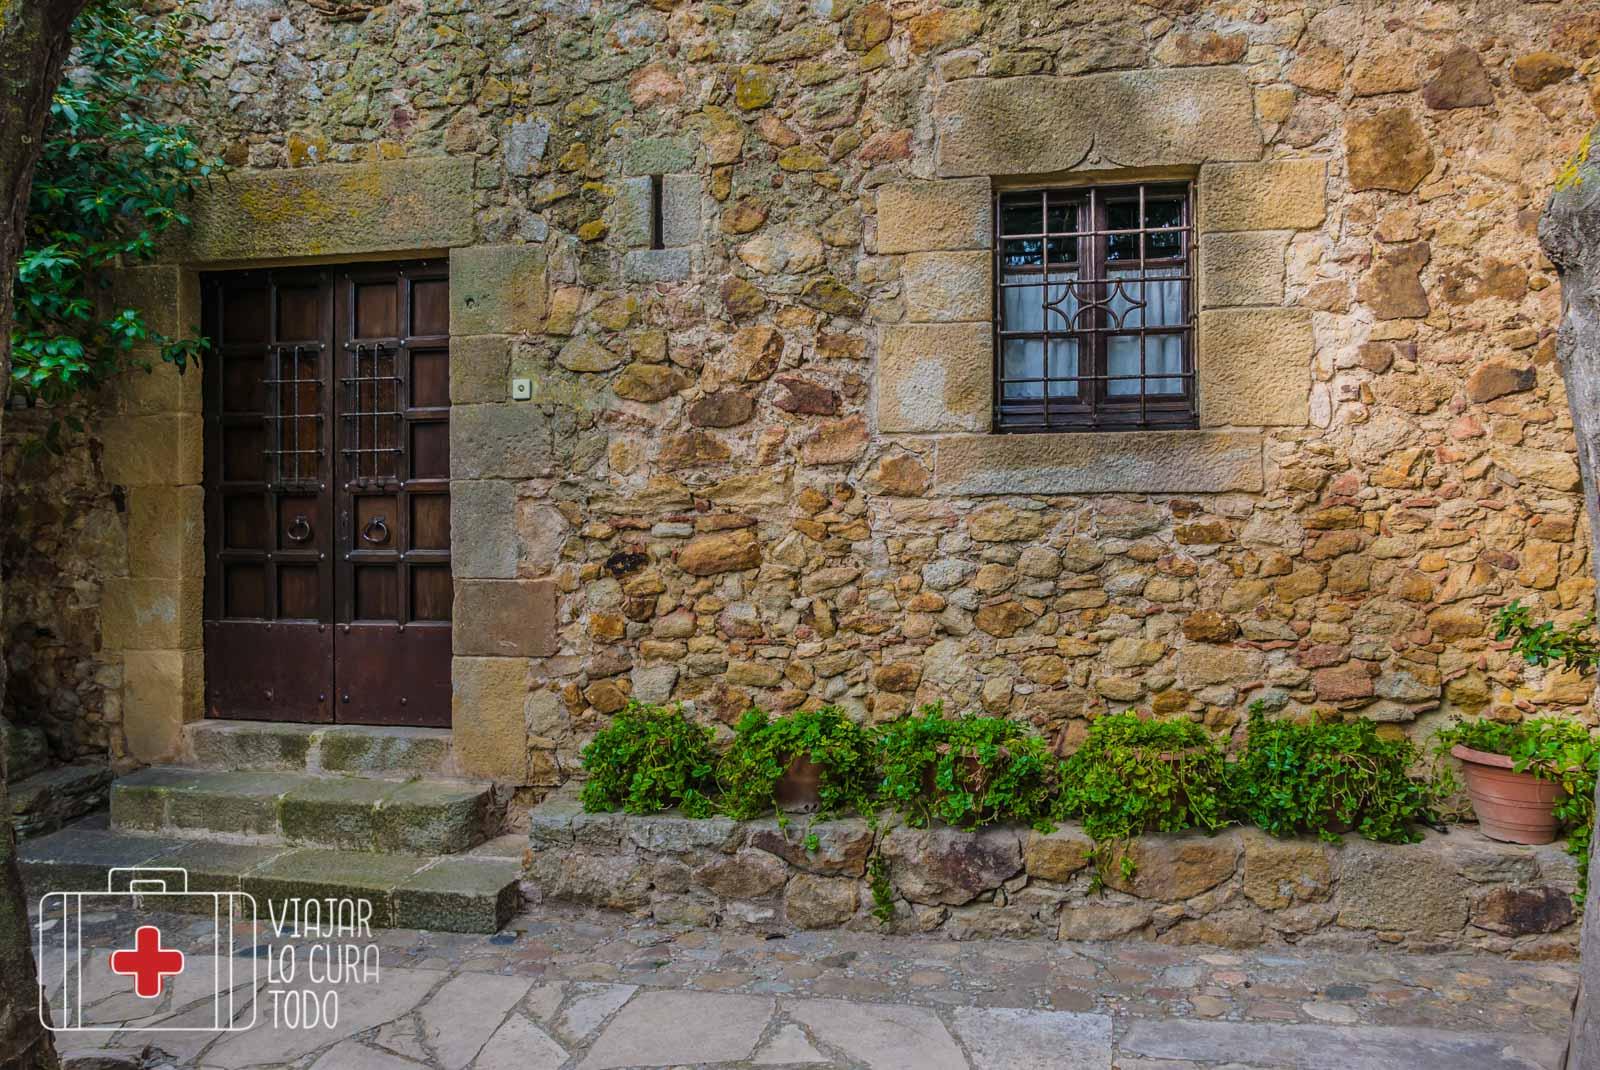 Una fachada típica de Pals